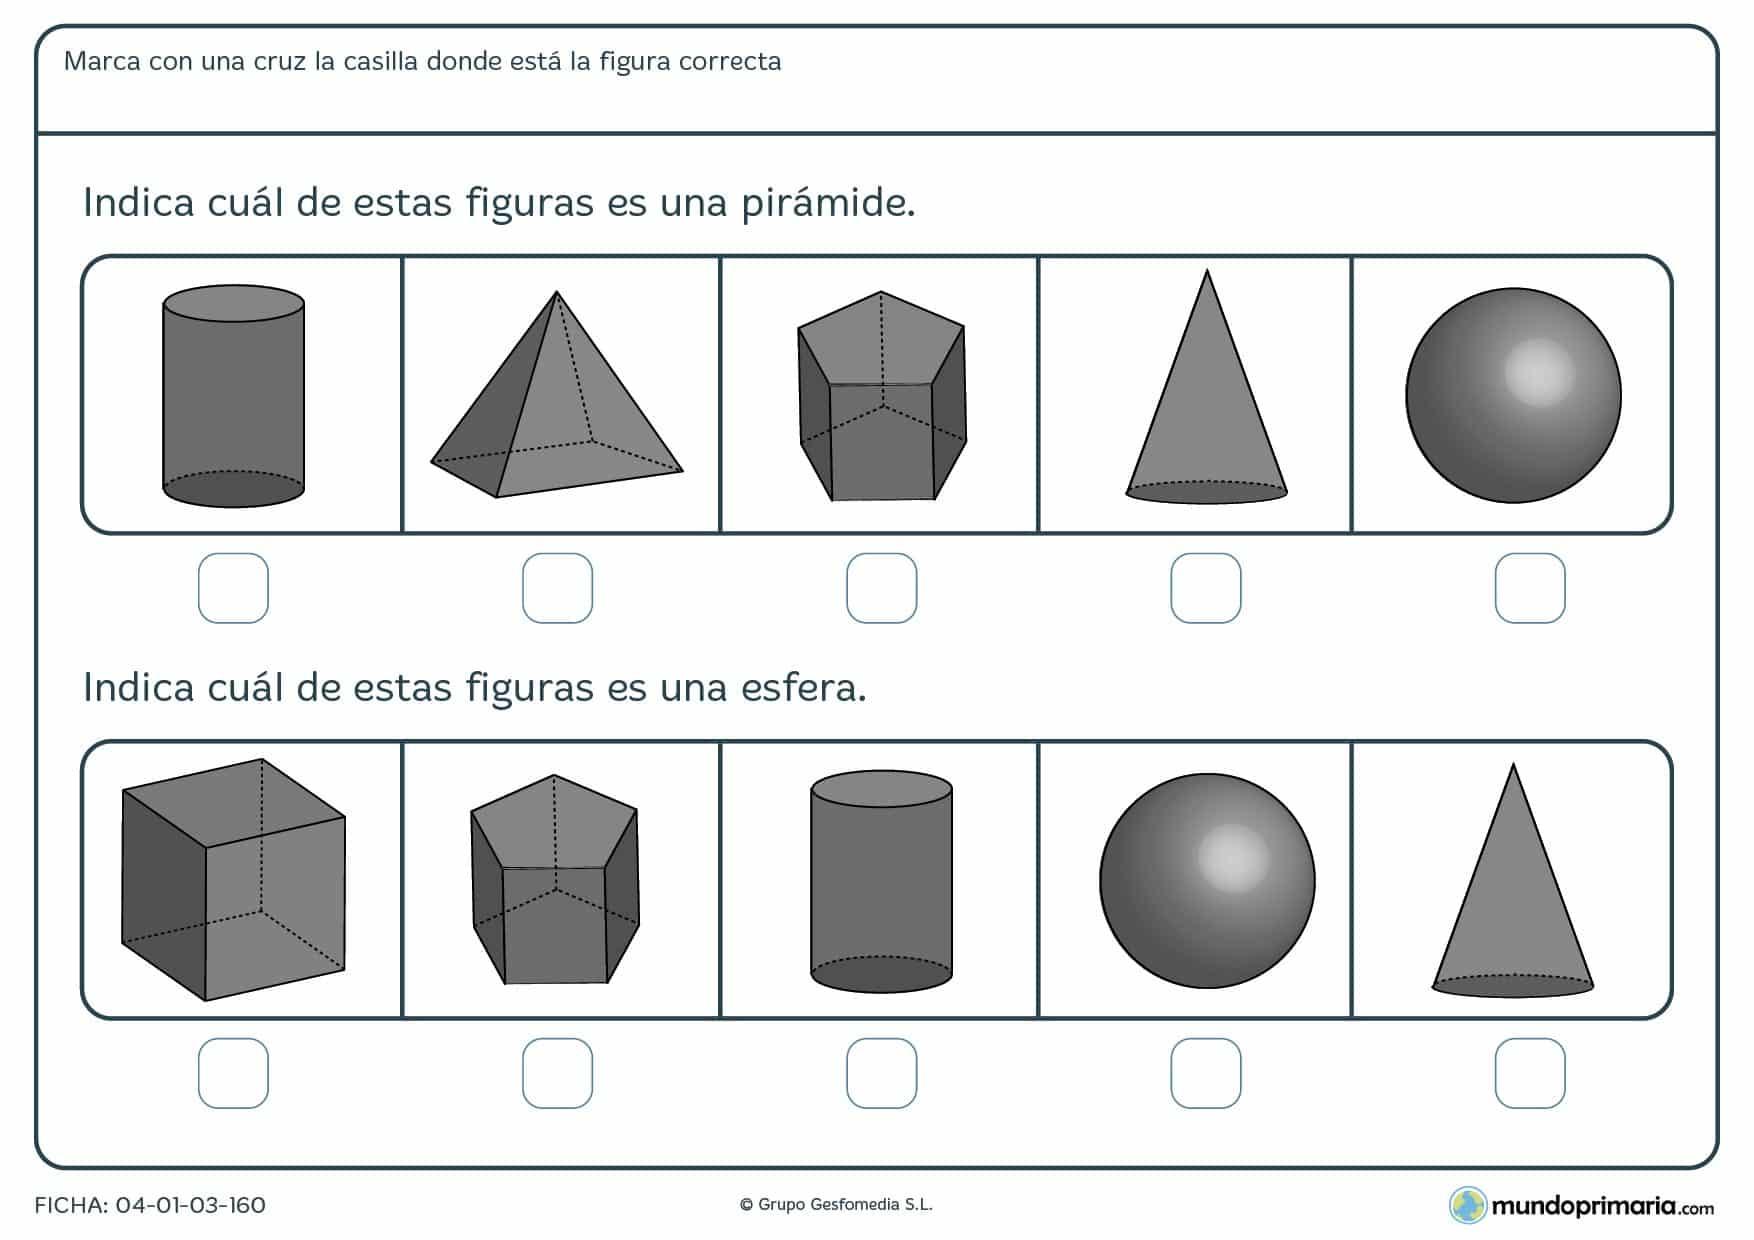 Ficha de identificar una pirámide y una esfera entre varios cuerpo geométricos distintos.